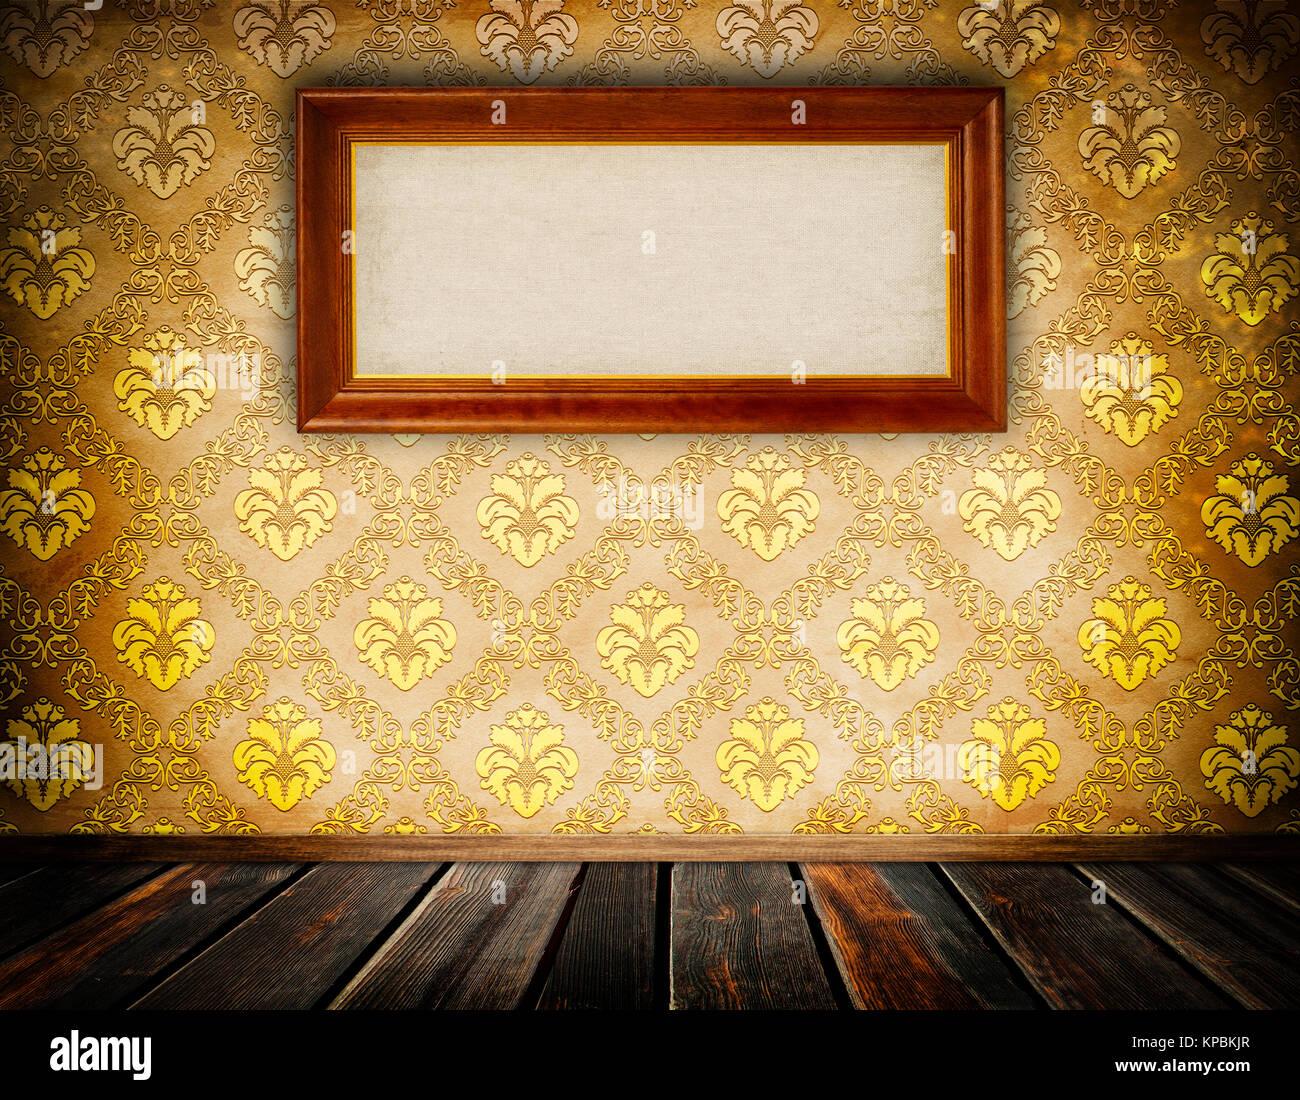 mur avec vintage papier peint fleuri et ancien cadre en bois pour la conception banque d 39 images. Black Bedroom Furniture Sets. Home Design Ideas